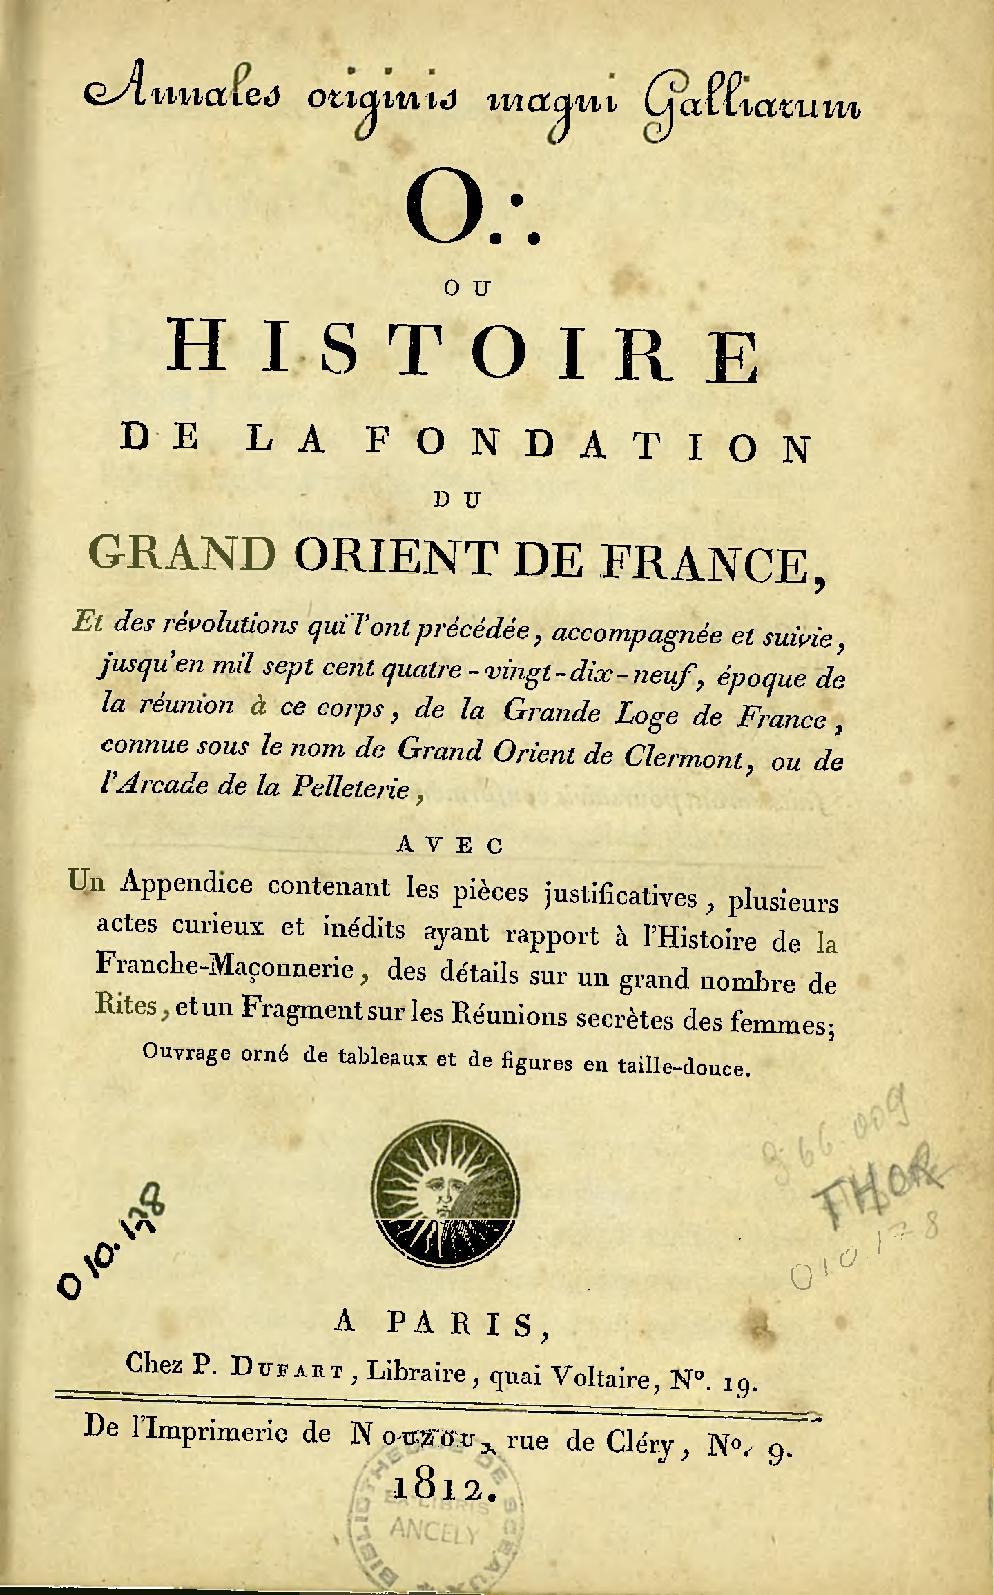 Histoire Grand Calaméo La Fondation France Du Thory Orient De qYYSvw